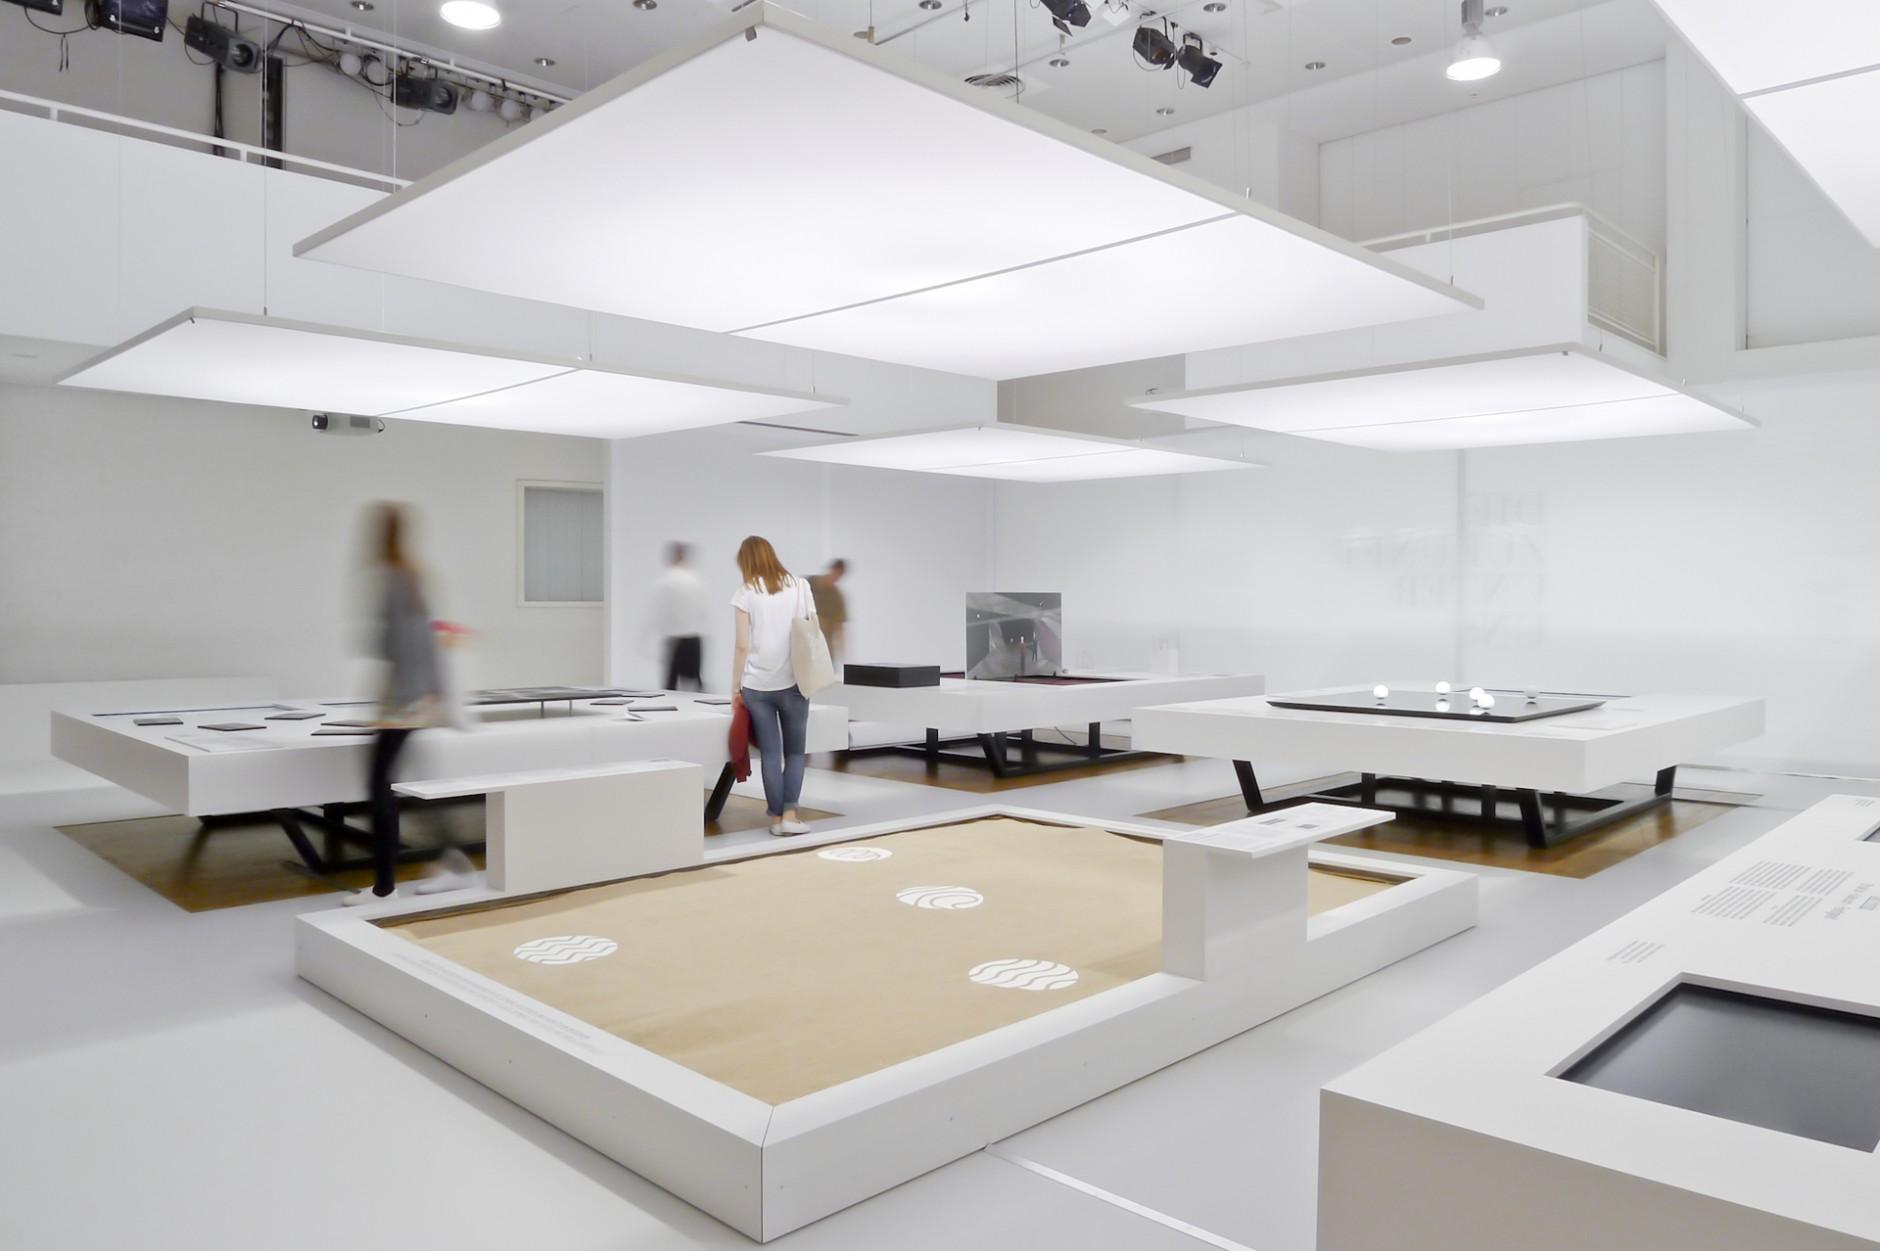 Kategorie Raum/Architektur: die zukunft unter uns; Kunde: Uzin Utz AG; Einsender: büro münzing 3d kommunikation